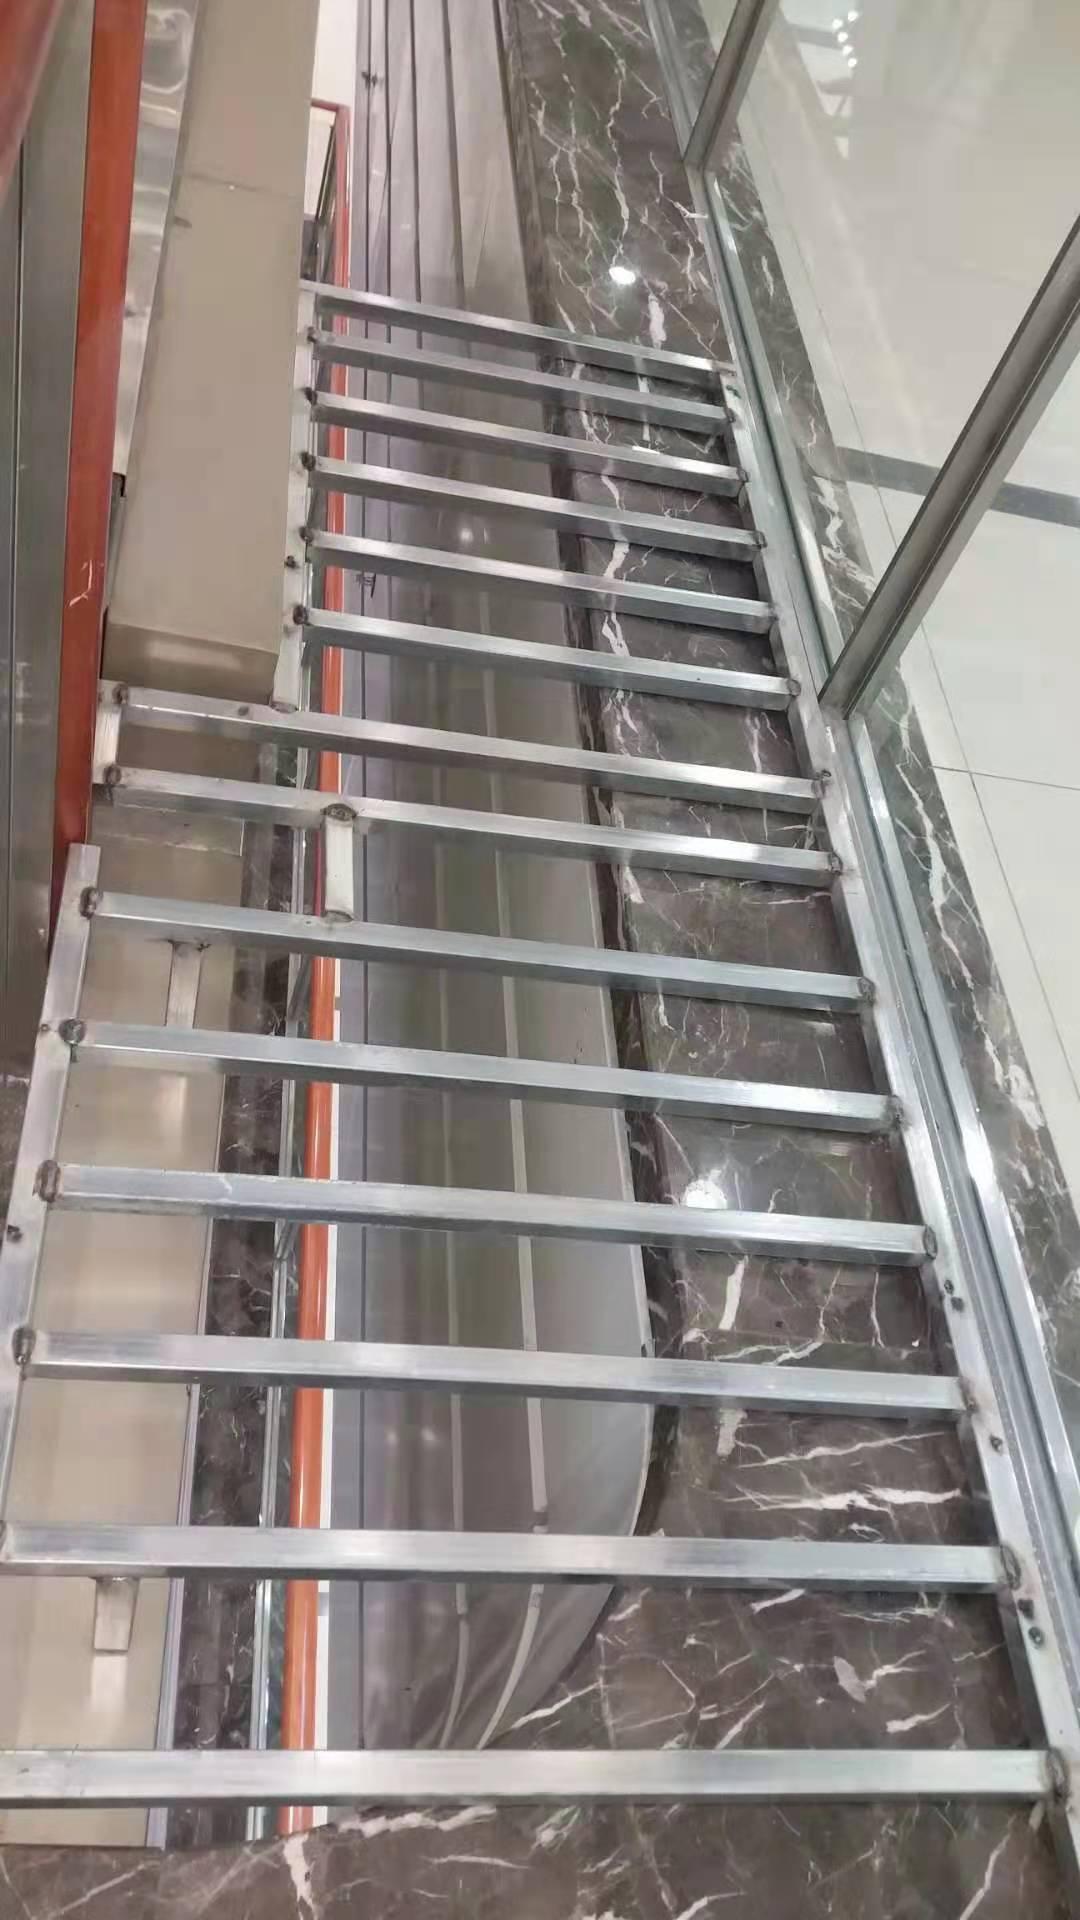 商城楼梯口扶手安全改造